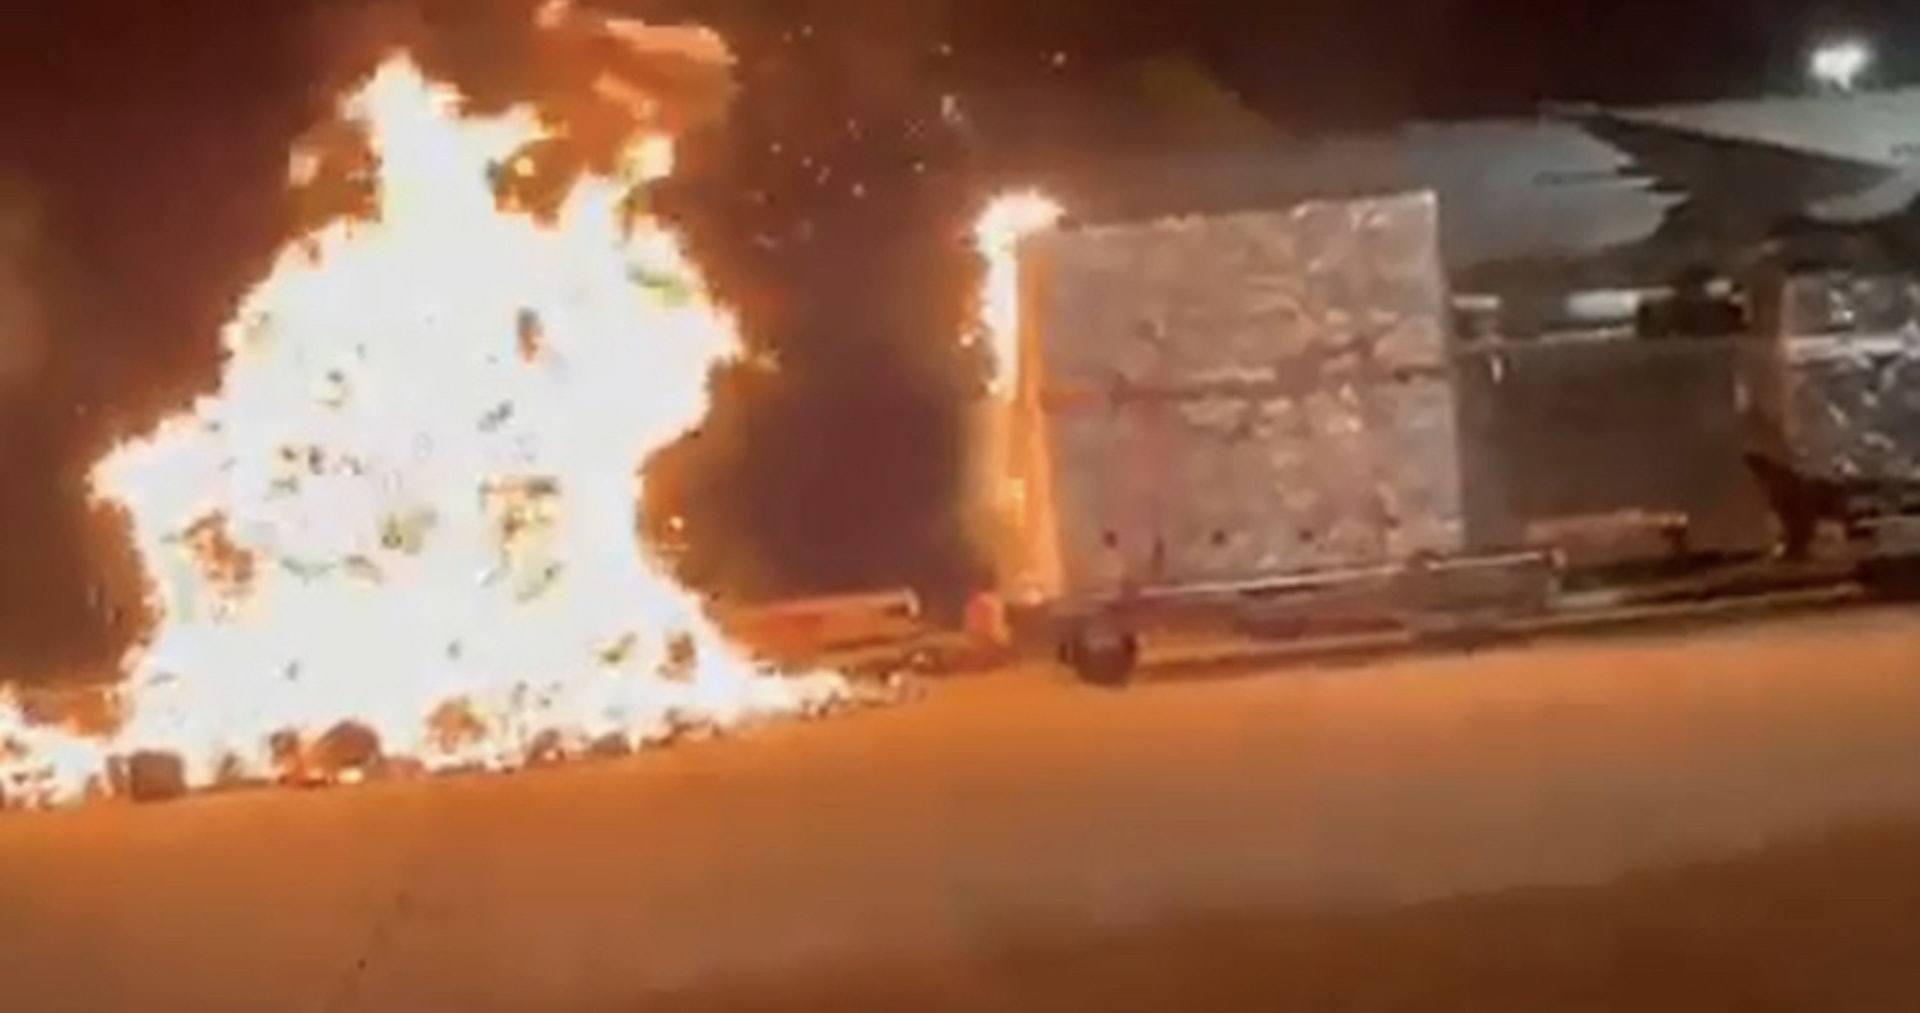 國產手機vivo機場起火  大陸網民爆vivo多宗自燃